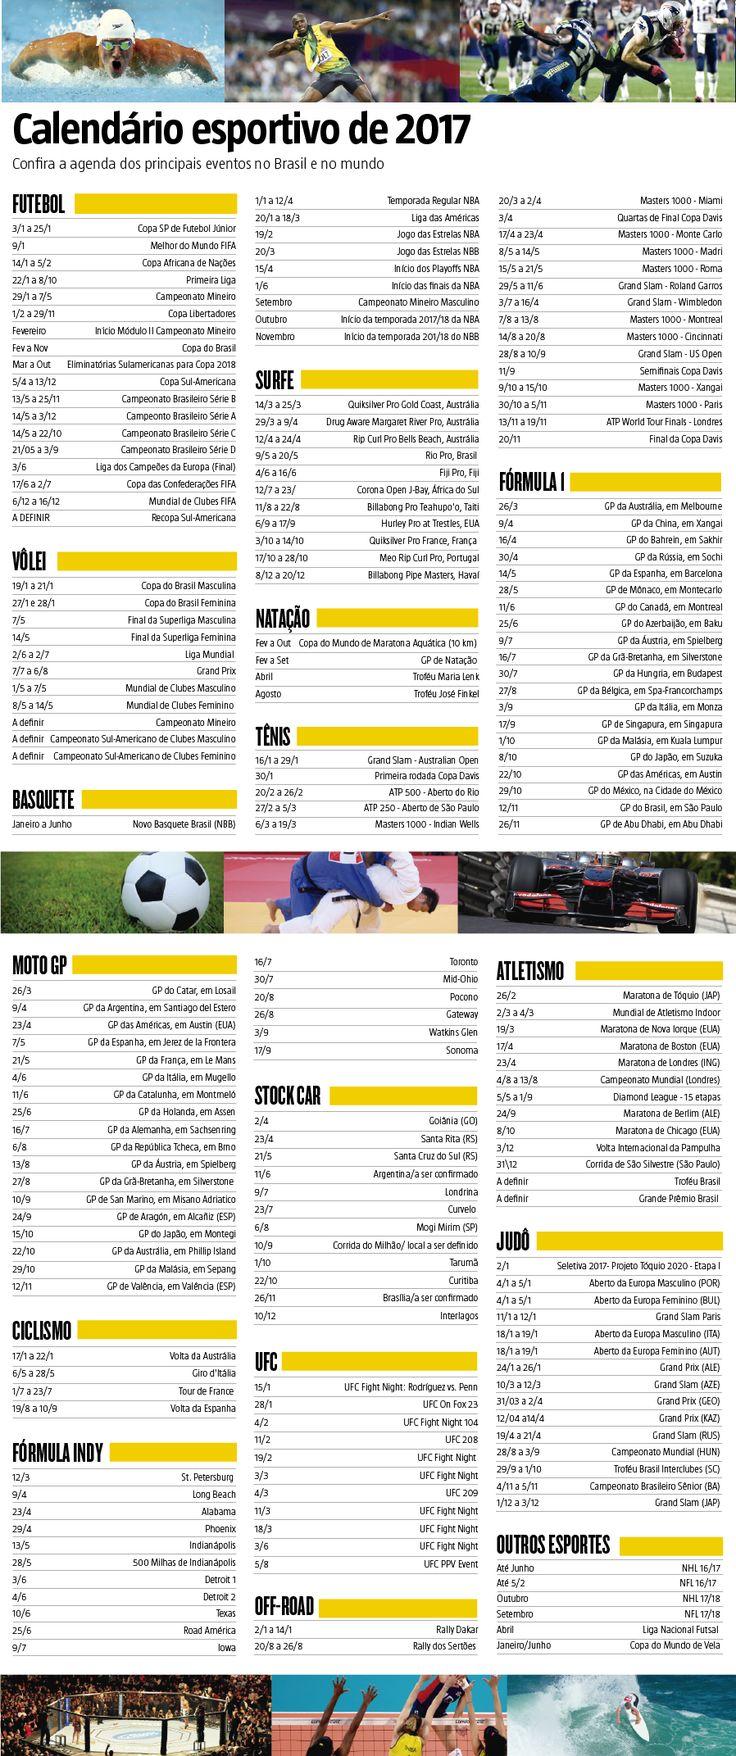 Calendário esportivo de 2017: confira a agenda dos principais eventos no Brasil e no mundo (26/12/2016) #Esporte #Esportes #Futebol #Volei #Basquete #Surf #Surfe #Natação #Tênis #GrandSlam #ATP #Masters1000 #CopaDavis #F1 #Formula1 #Moto #MotoGP #Ciclismo #FormulaIndy #OffRoad #UFC #MMA #StockCar #Atletismo #Judô #NFL #NHL #Futsal #Infográfico #Infografia #HojeEmDia